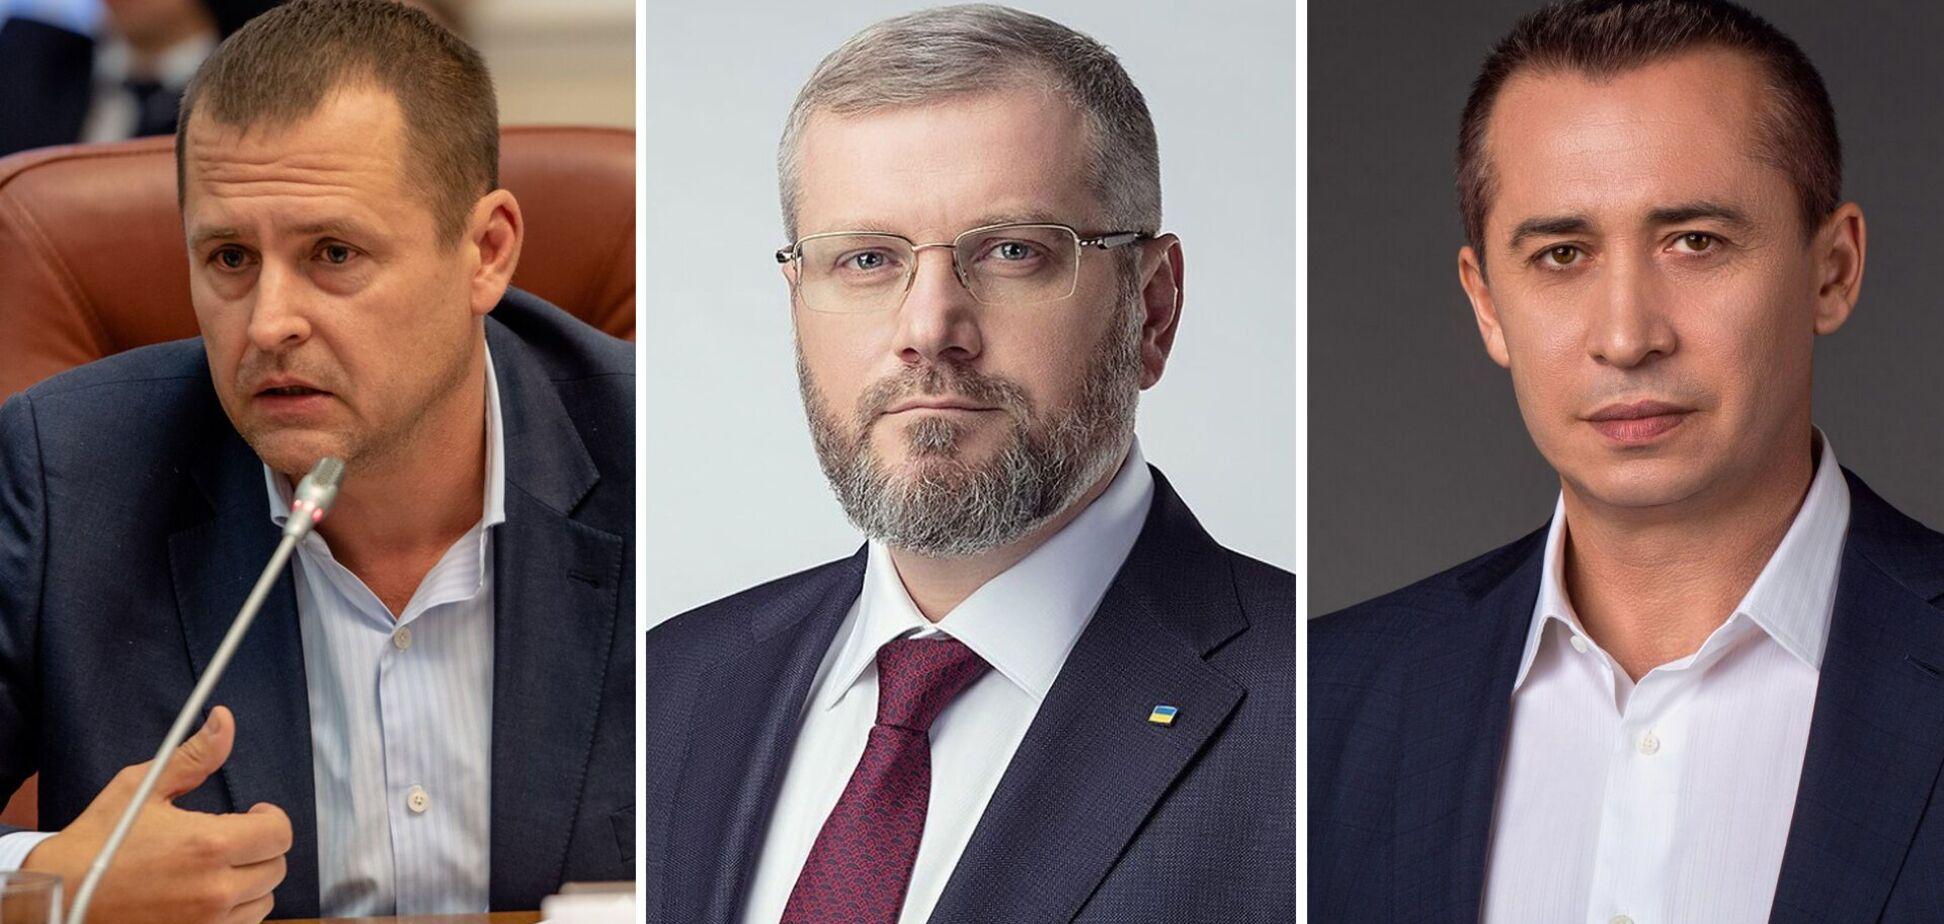 Действующий мэр Борис Филатов своим главным конкурентом на выборах считает Александра Вилкула